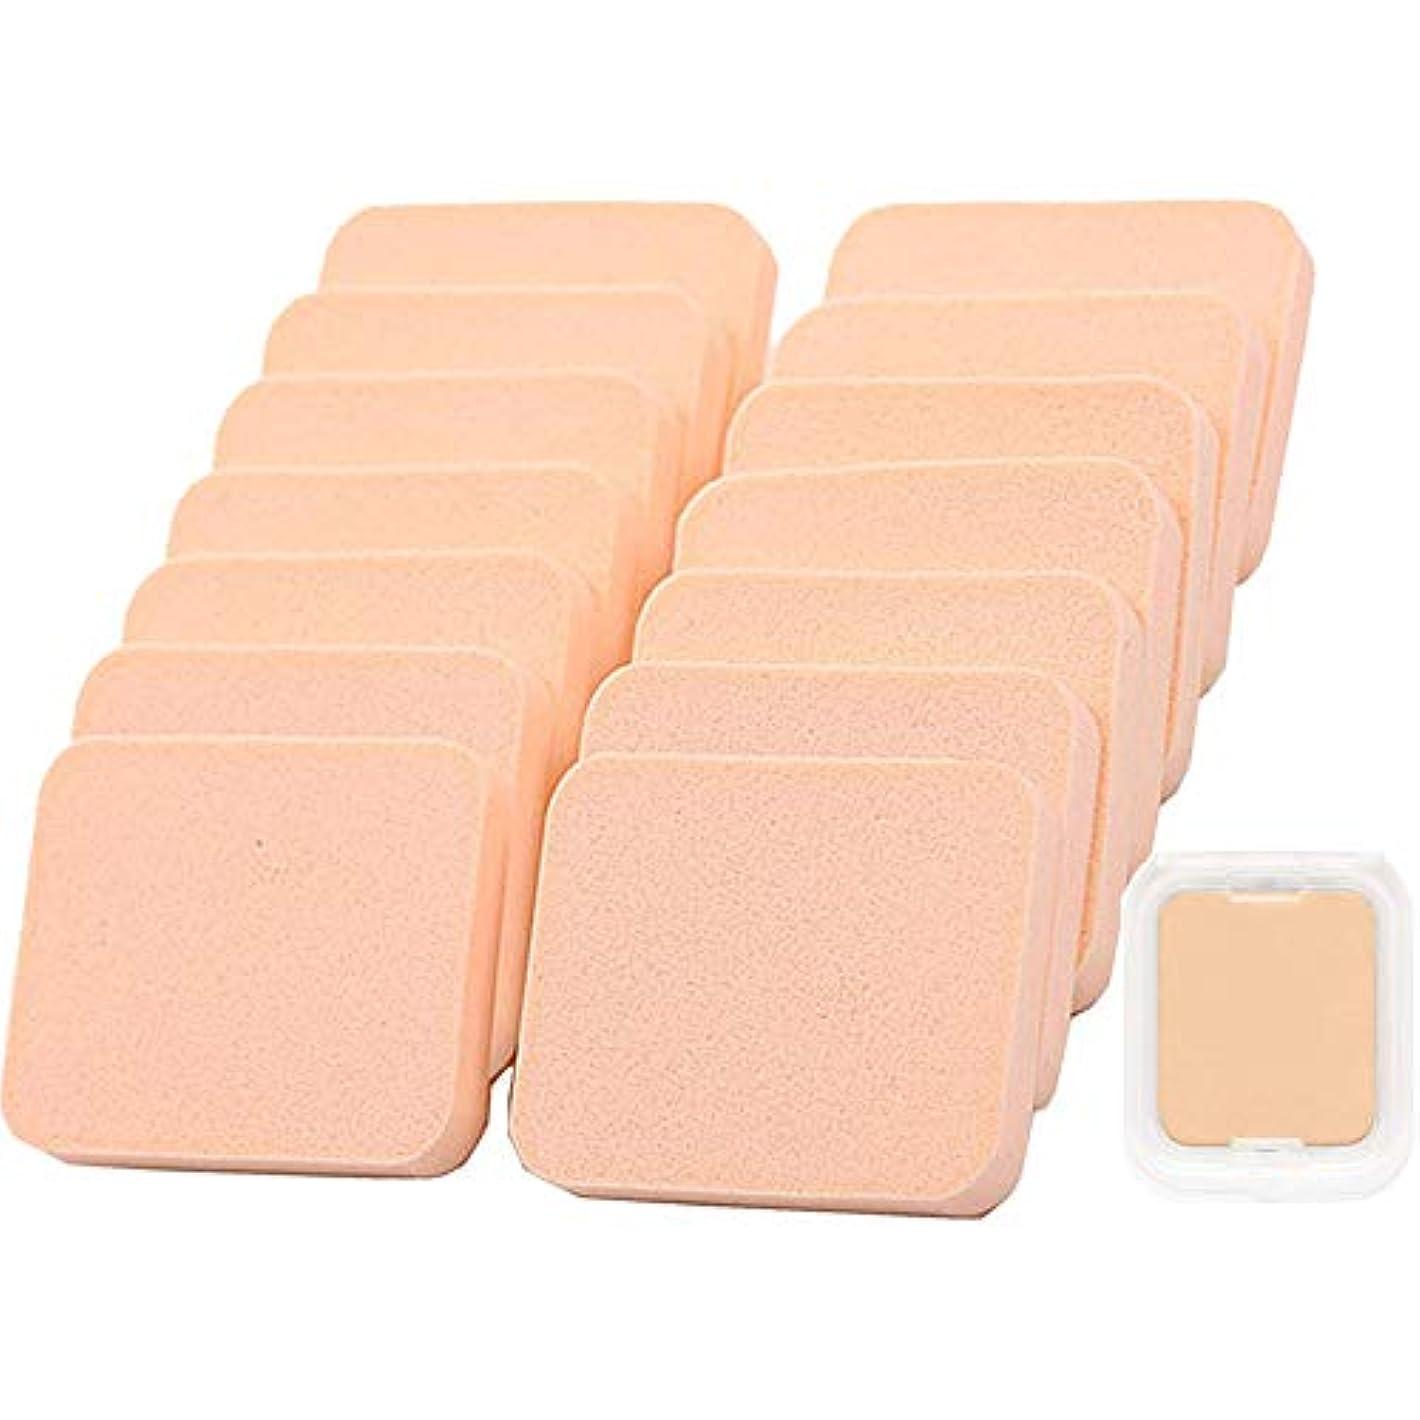 装備する韻めるエアパフ Butokal エアクッションパフ クリーム アプリケーター 乾湿兼用 スポンジパフセット フェイシャル 15個入 化粧道具